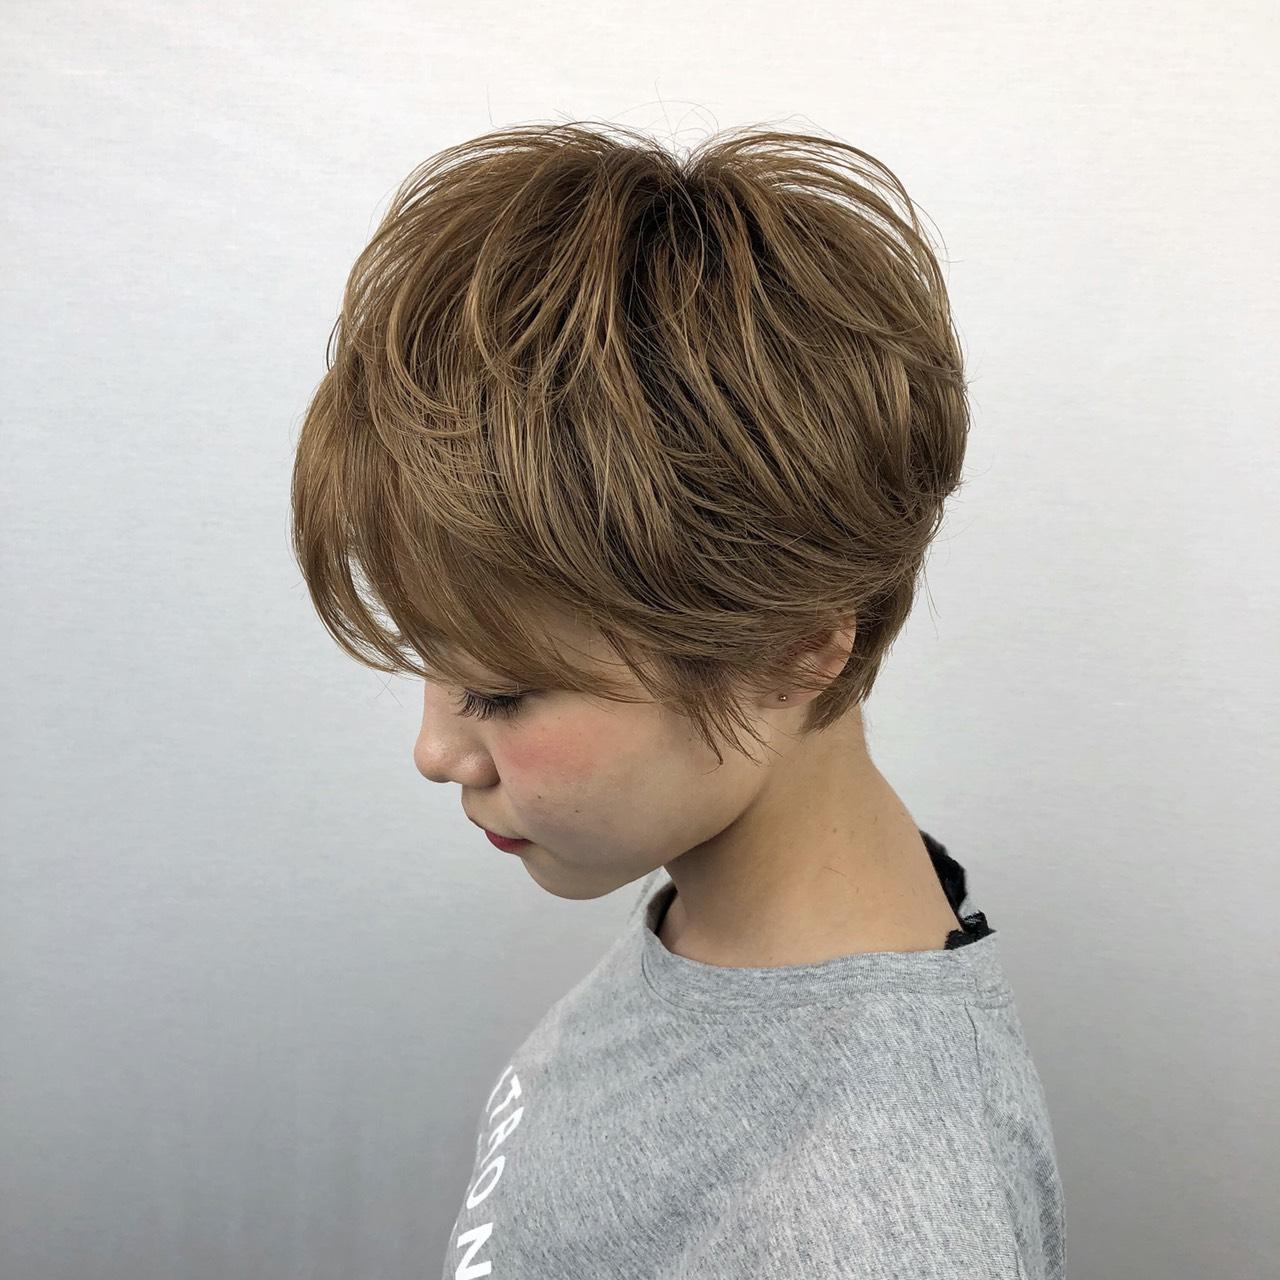 いつまでも髪内部から美しくいられる、髪にやさしいヘアケアを提案。大人世代に人気のお洒落サロン♪